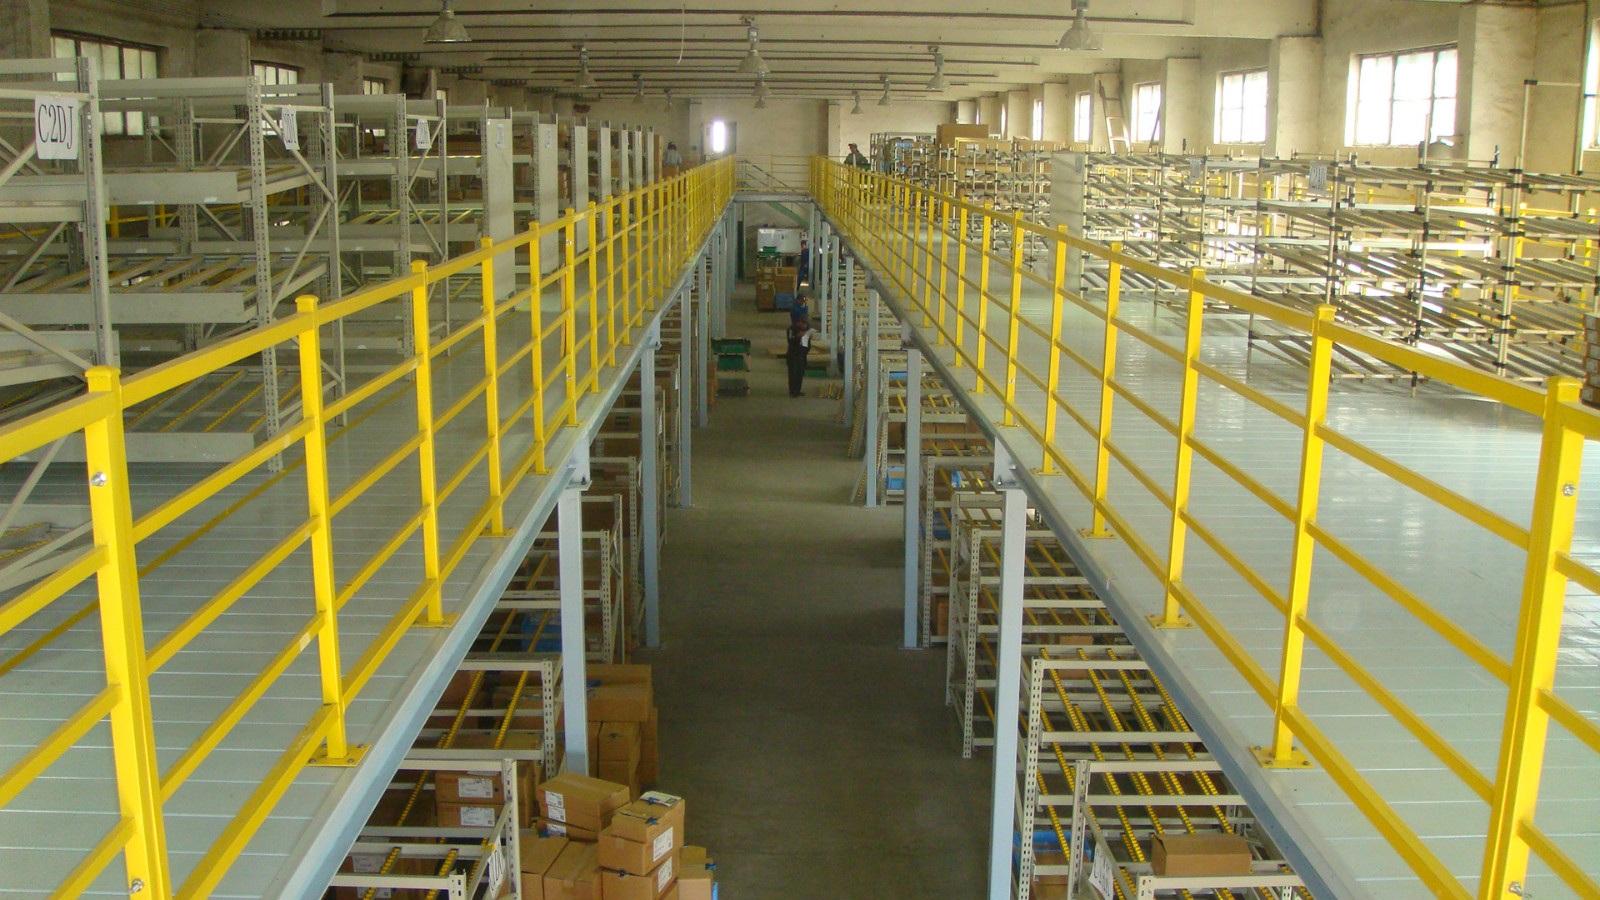 钢结构平台二层结构,存储量大,受力均匀,占地面积小,设有楼梯、电梯、货物提升机,方便货物存取。